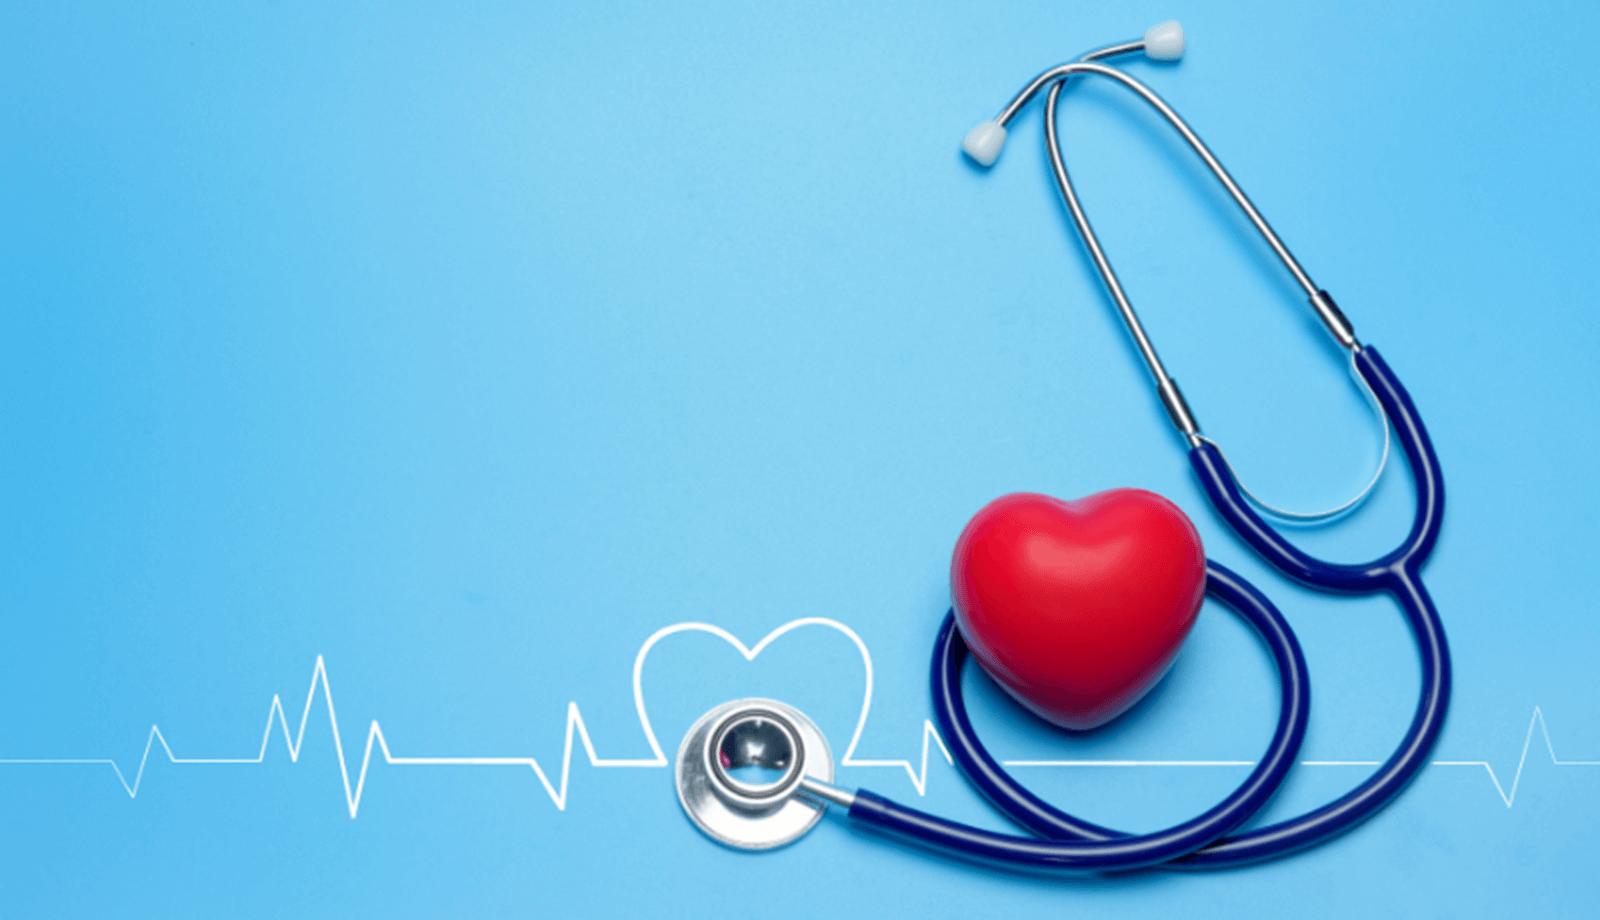 szív hipertóniás gyógyszerekkel magas vérnyomás és megnövekedett súly